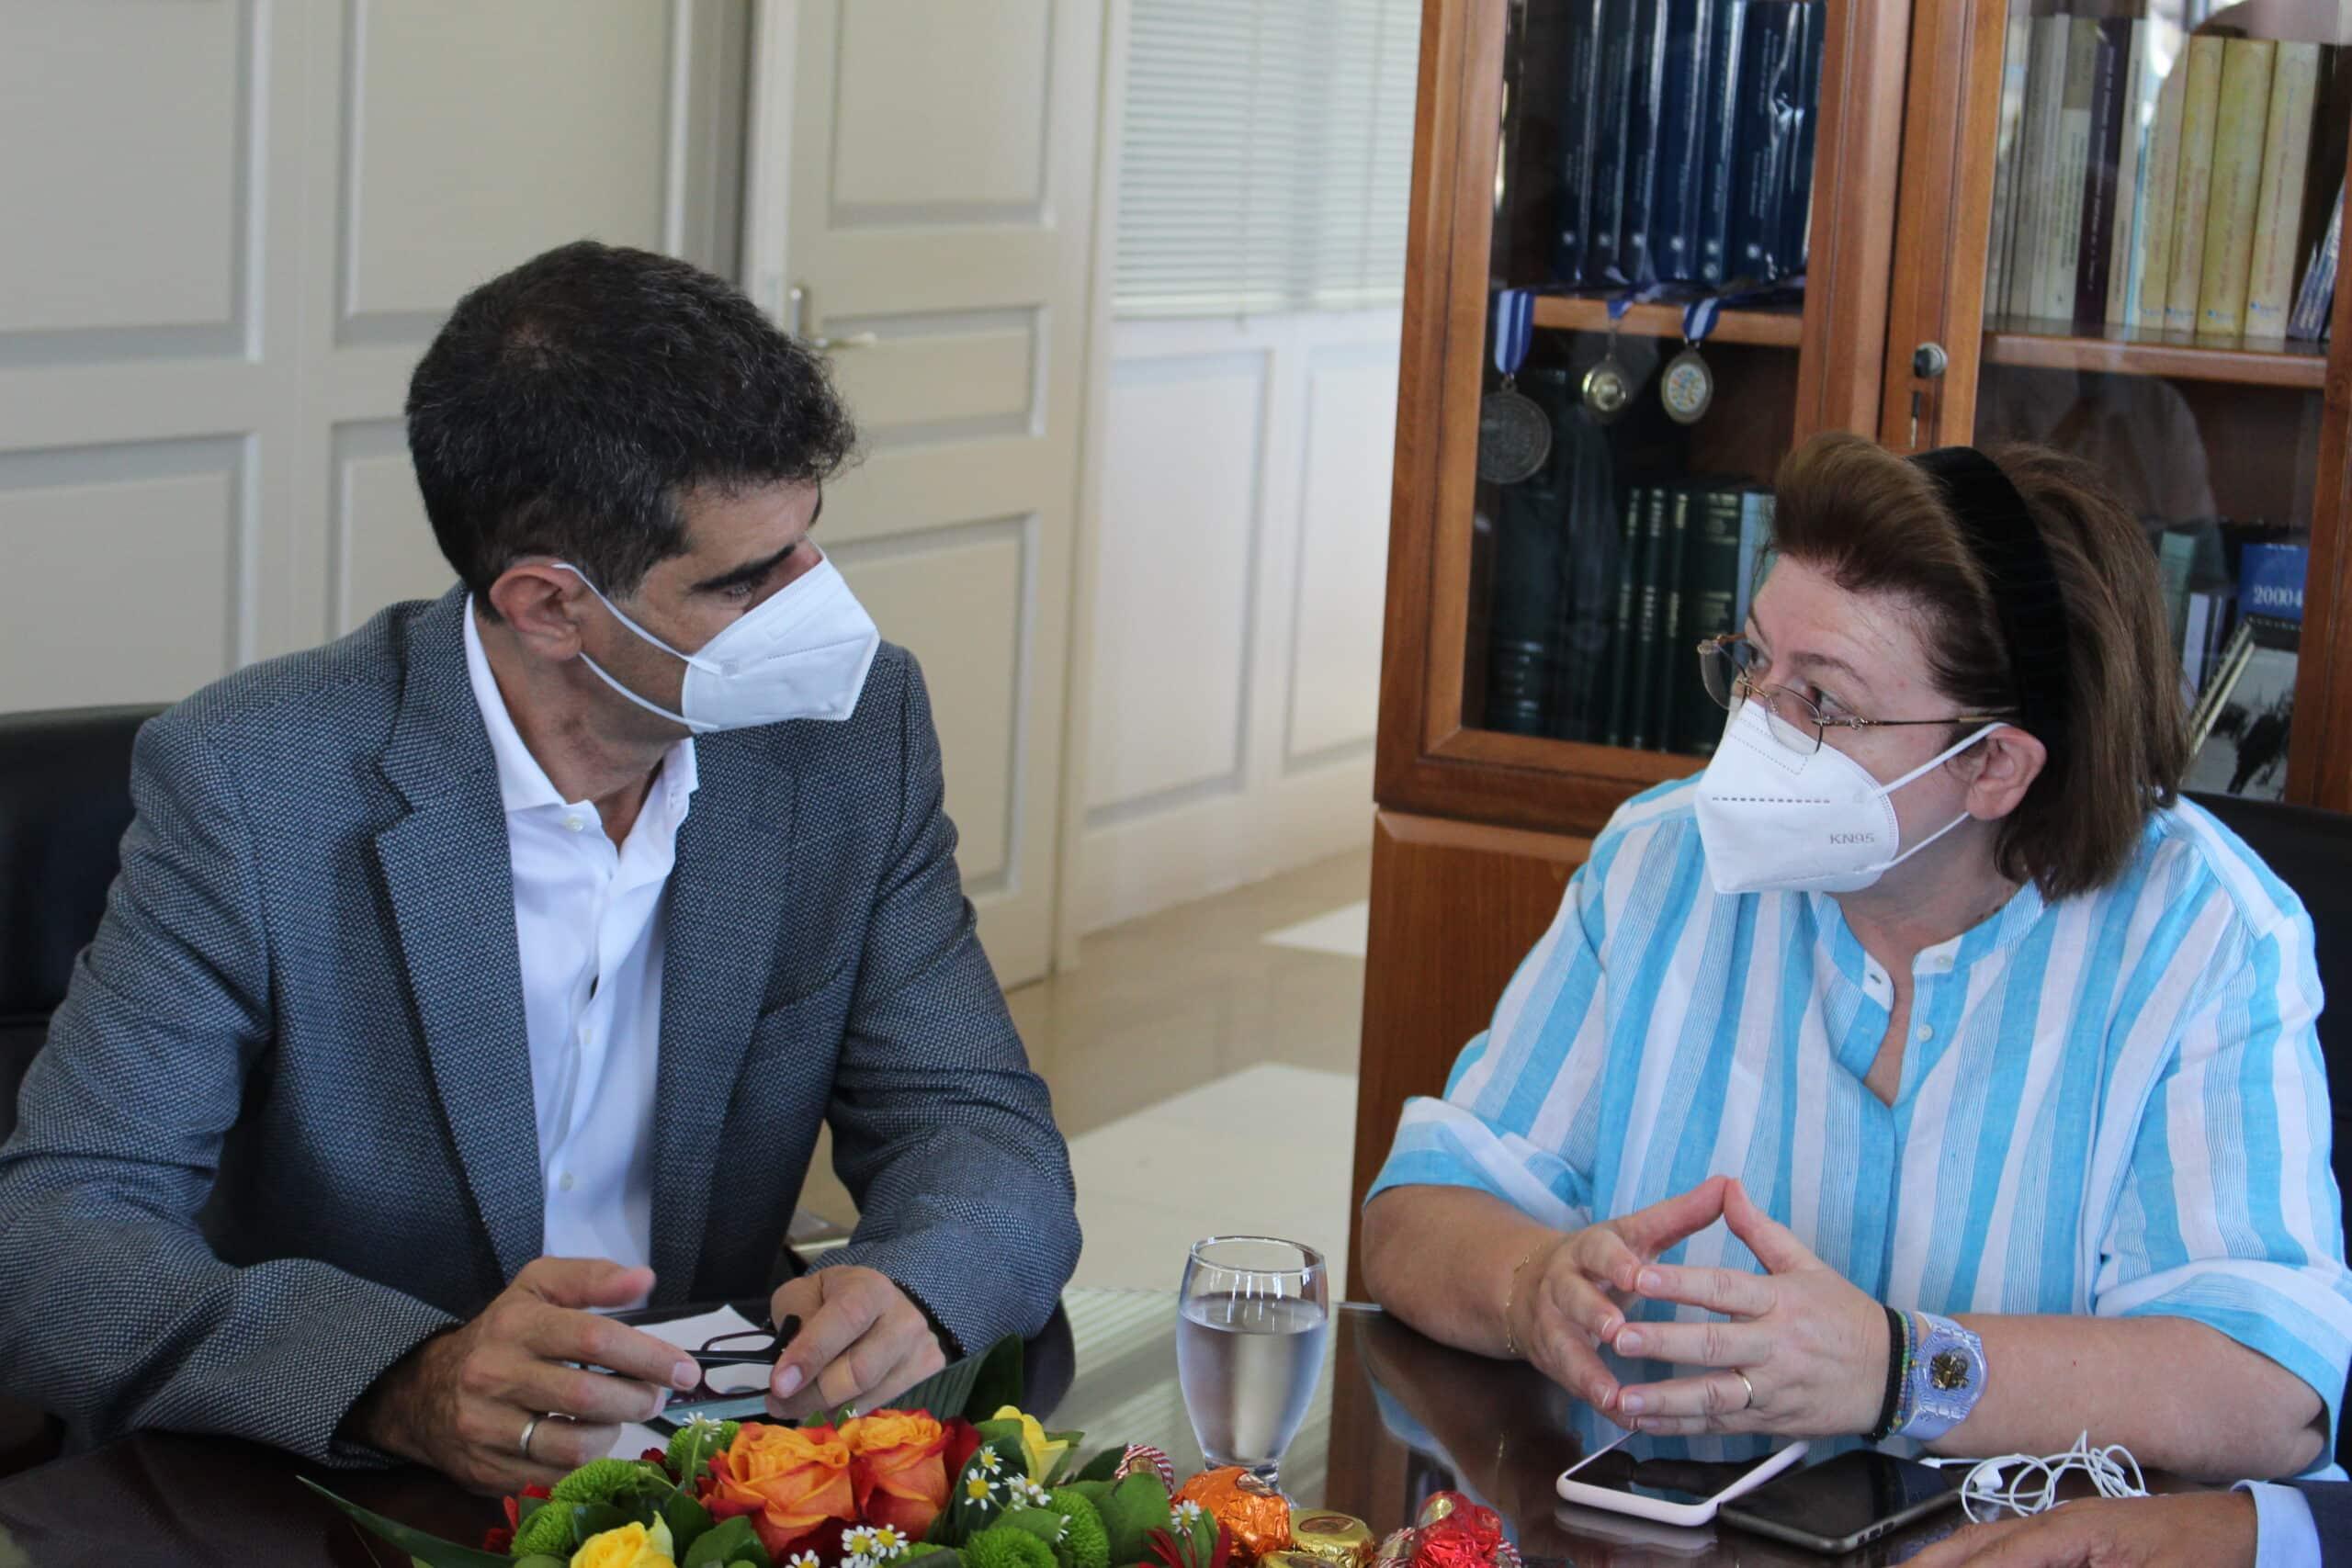 Και για την, μεταξύ άλλων, αναστήλωση και ανάδειξη του εμβληματικού ναού του Απόλλωνα, έκανε λόγο κατά την επίσκεψή της στην Νάξο, η υπουργός Πολιτισμού και Αθλητισμού Λ. Μενδώνη